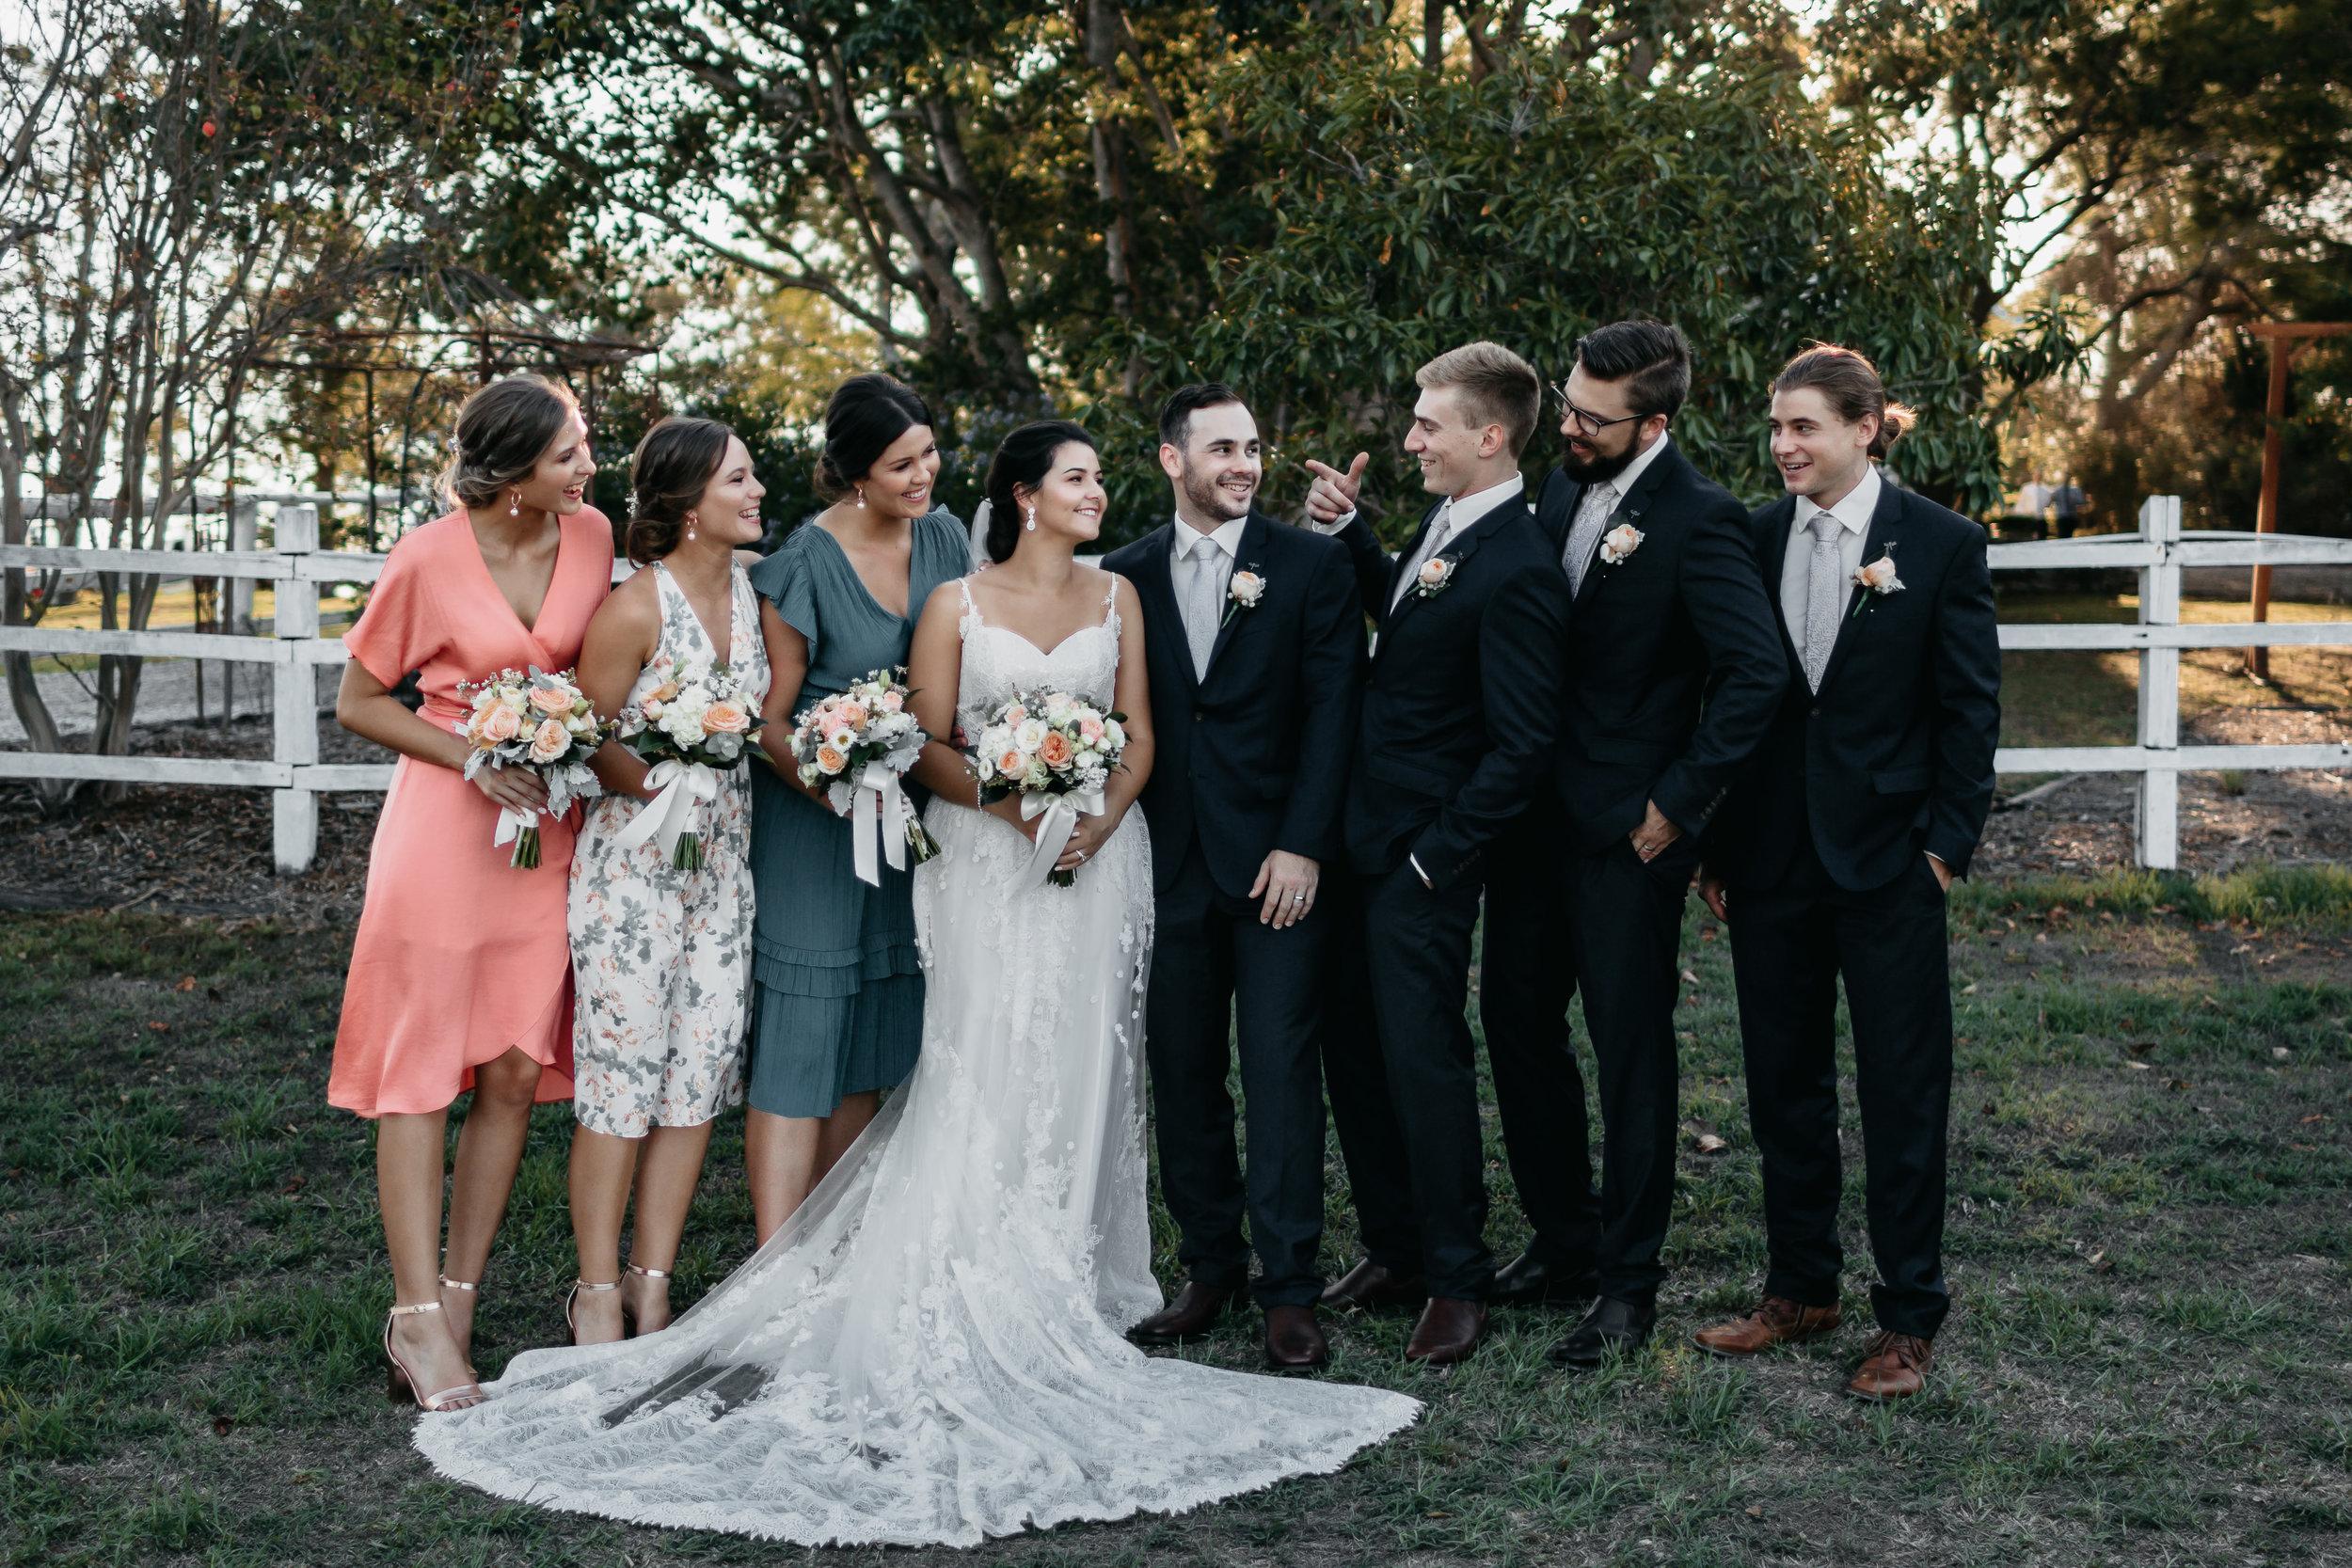 missendenwedding-435.jpg